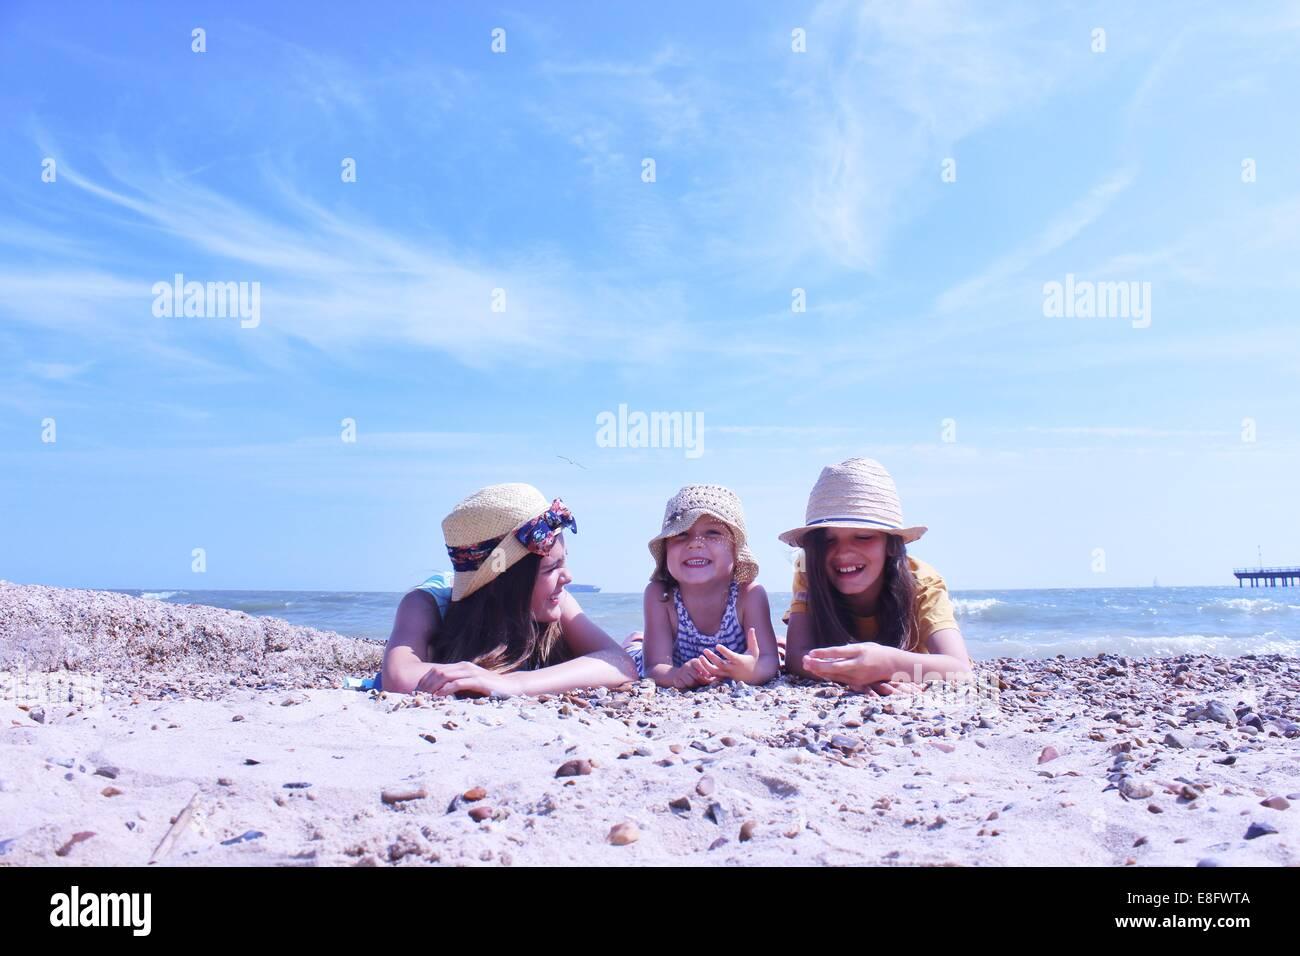 Trois jeunes filles sur la plage se trouvant sur leur face avant Photo Stock